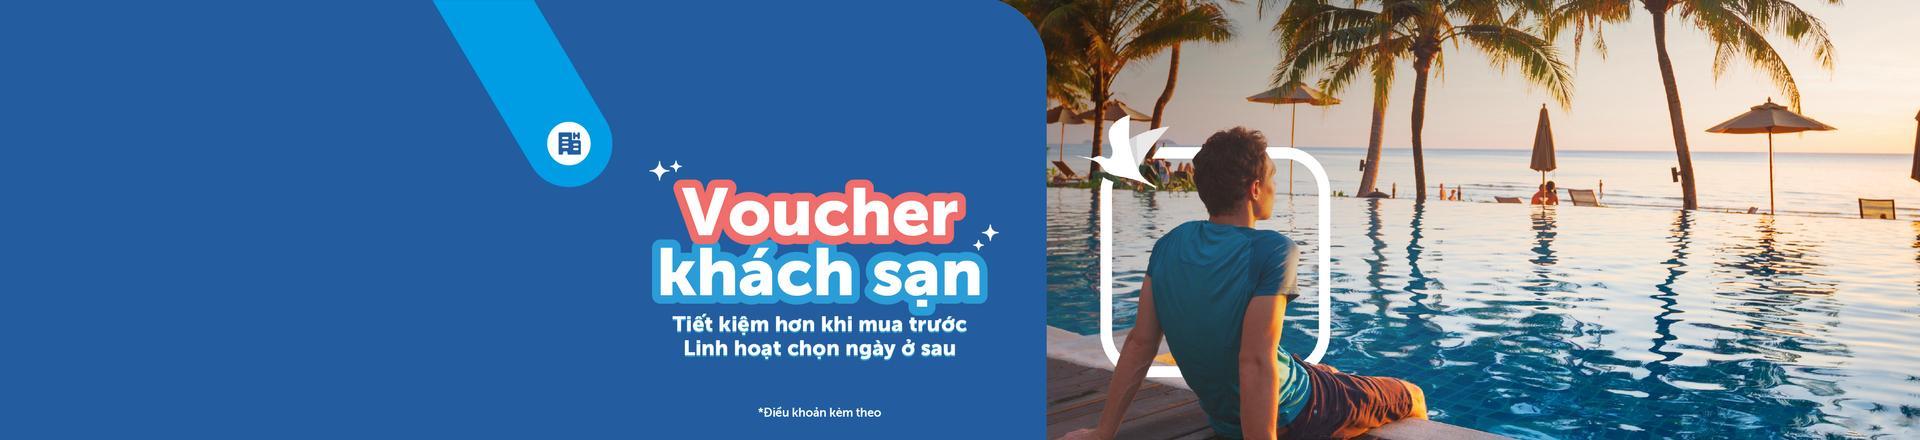 Traveloka - Voucher khách sạn dành riêng cho thời điểm đặc thù hiện nay